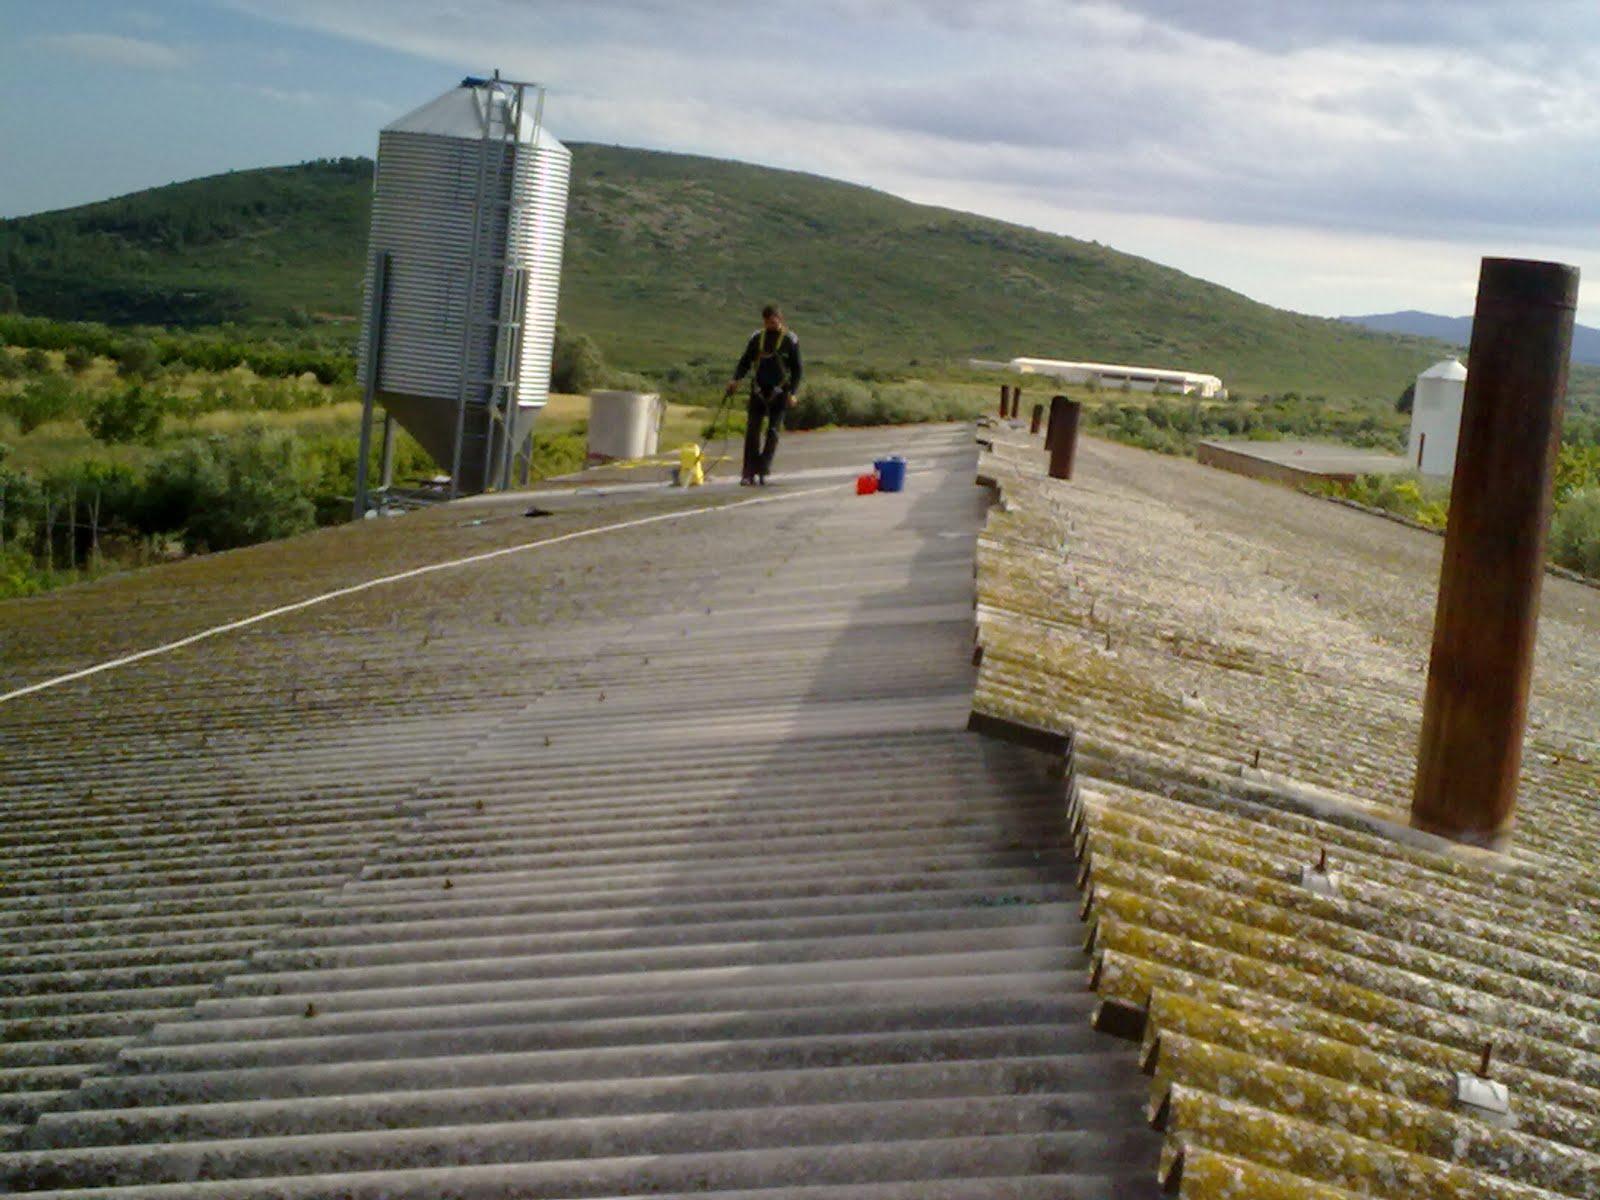 Uralitas sustituir uralita avisos 644 34 87 47 y madrid 91 for Tejados prefabricados